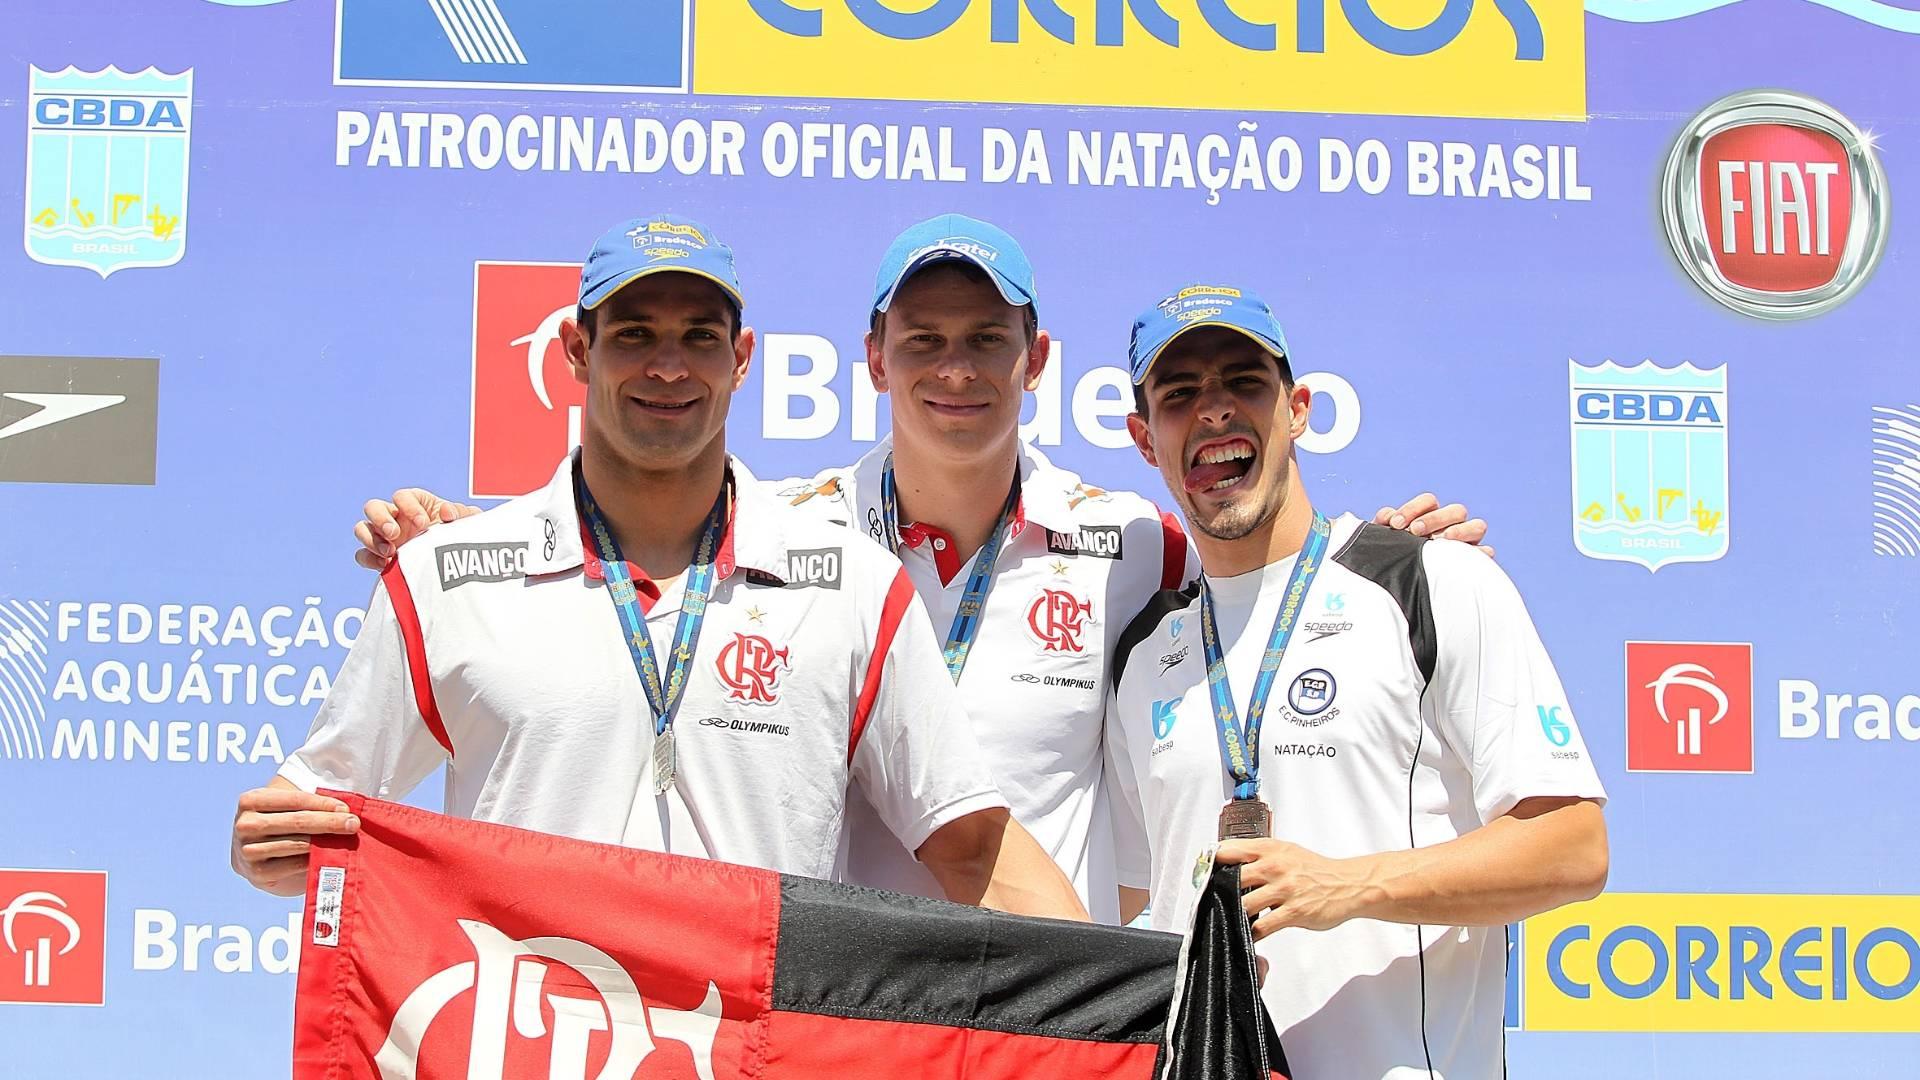 Nicholas (e), Cielo e Fratus (d) compõem o pódio dos 50 m livre no Finkel de natação (31/08/2011)